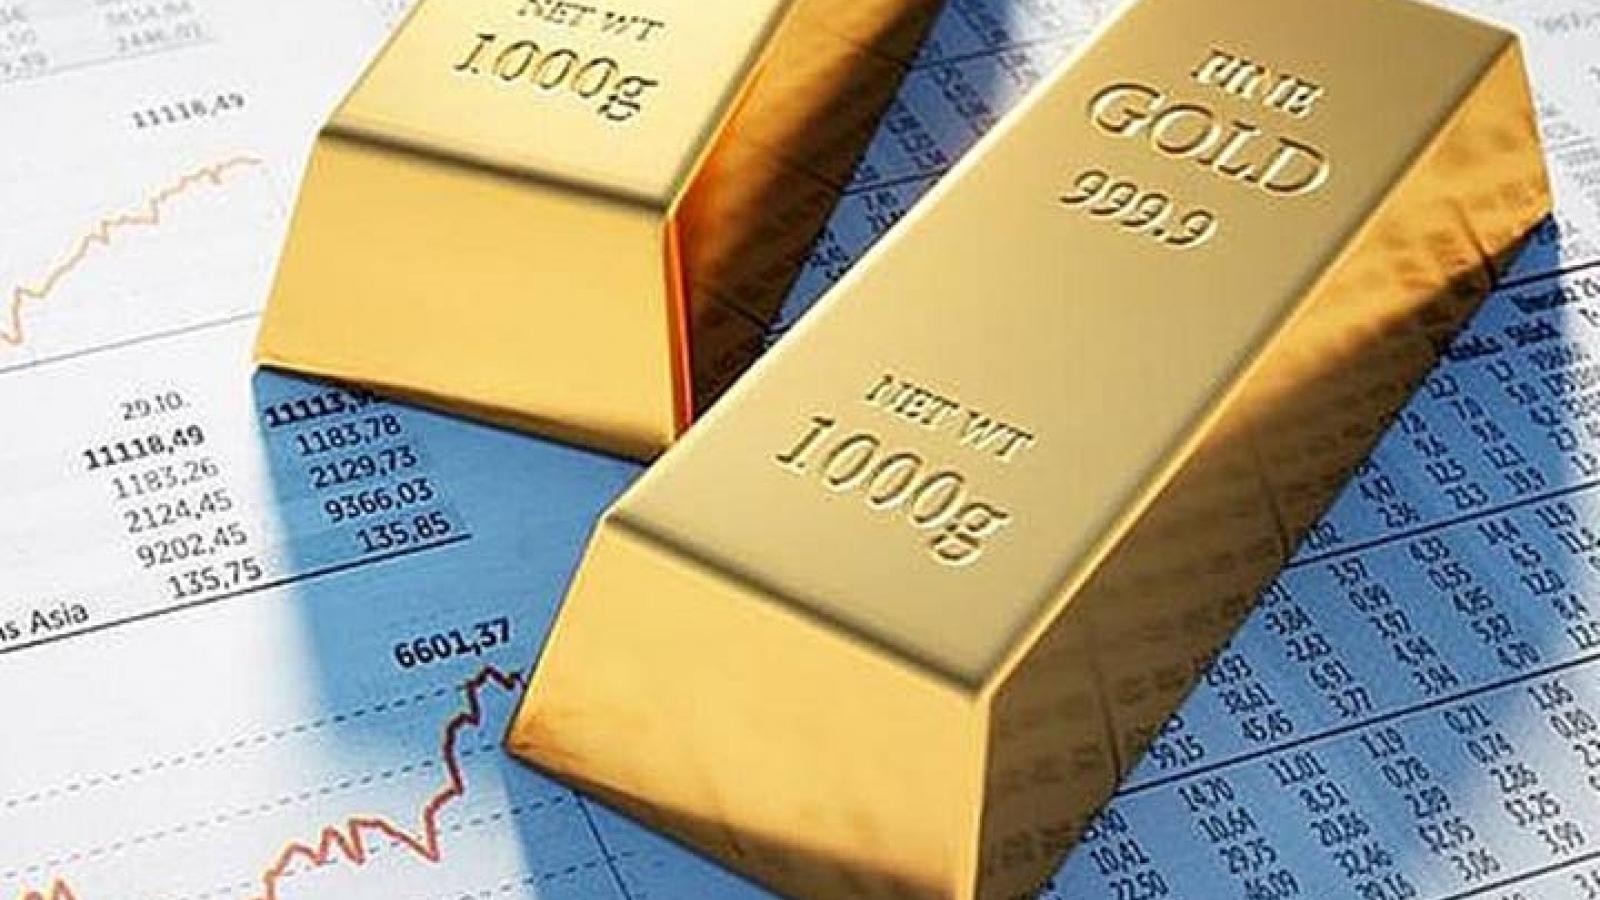 Giá vàng thế giới bất ngờ tăng trở lại